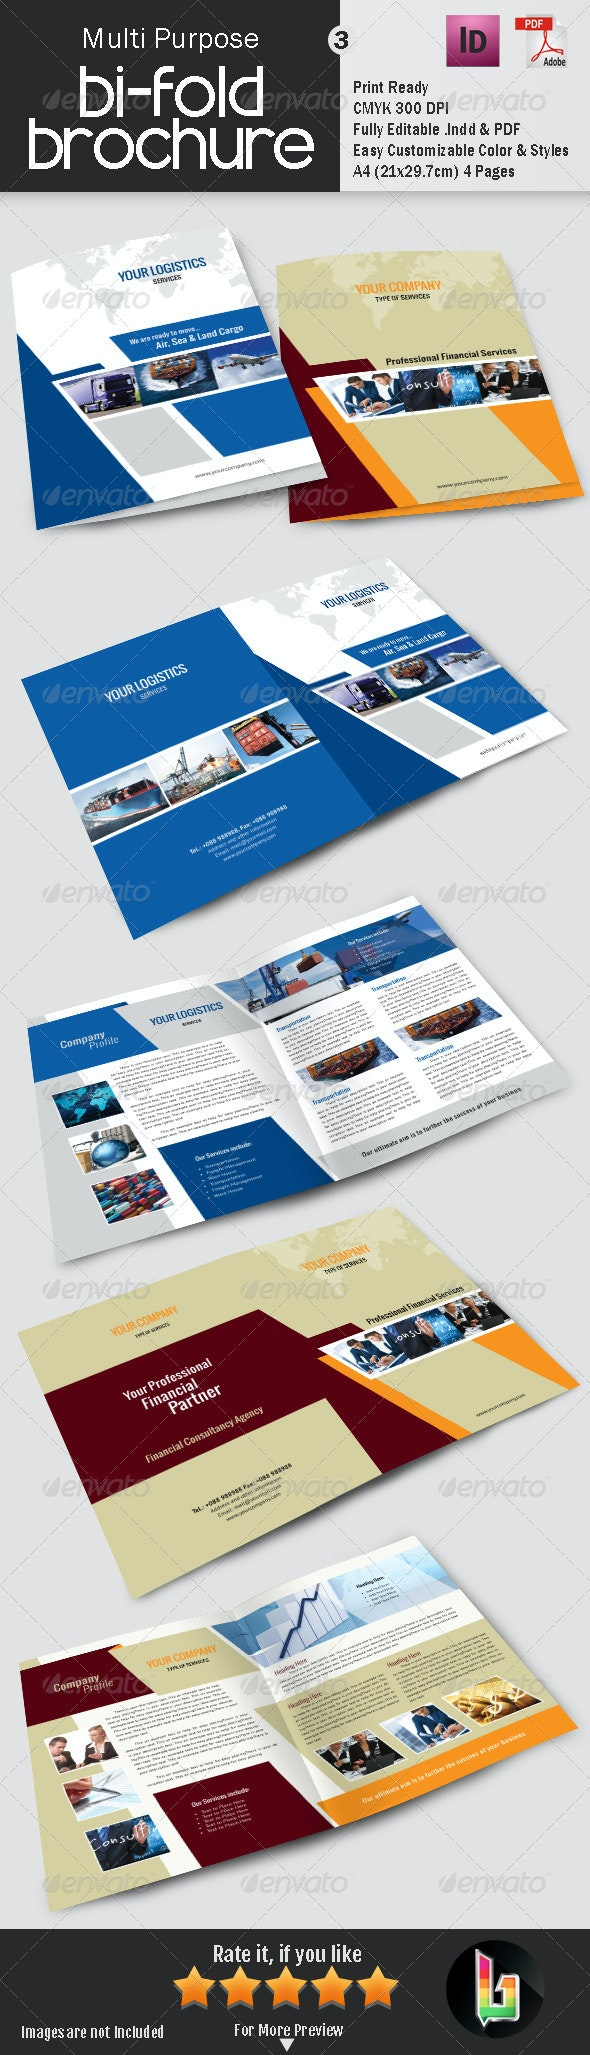 Multi Purpose Bi-Fold Brochure 3 - Corporate Brochures